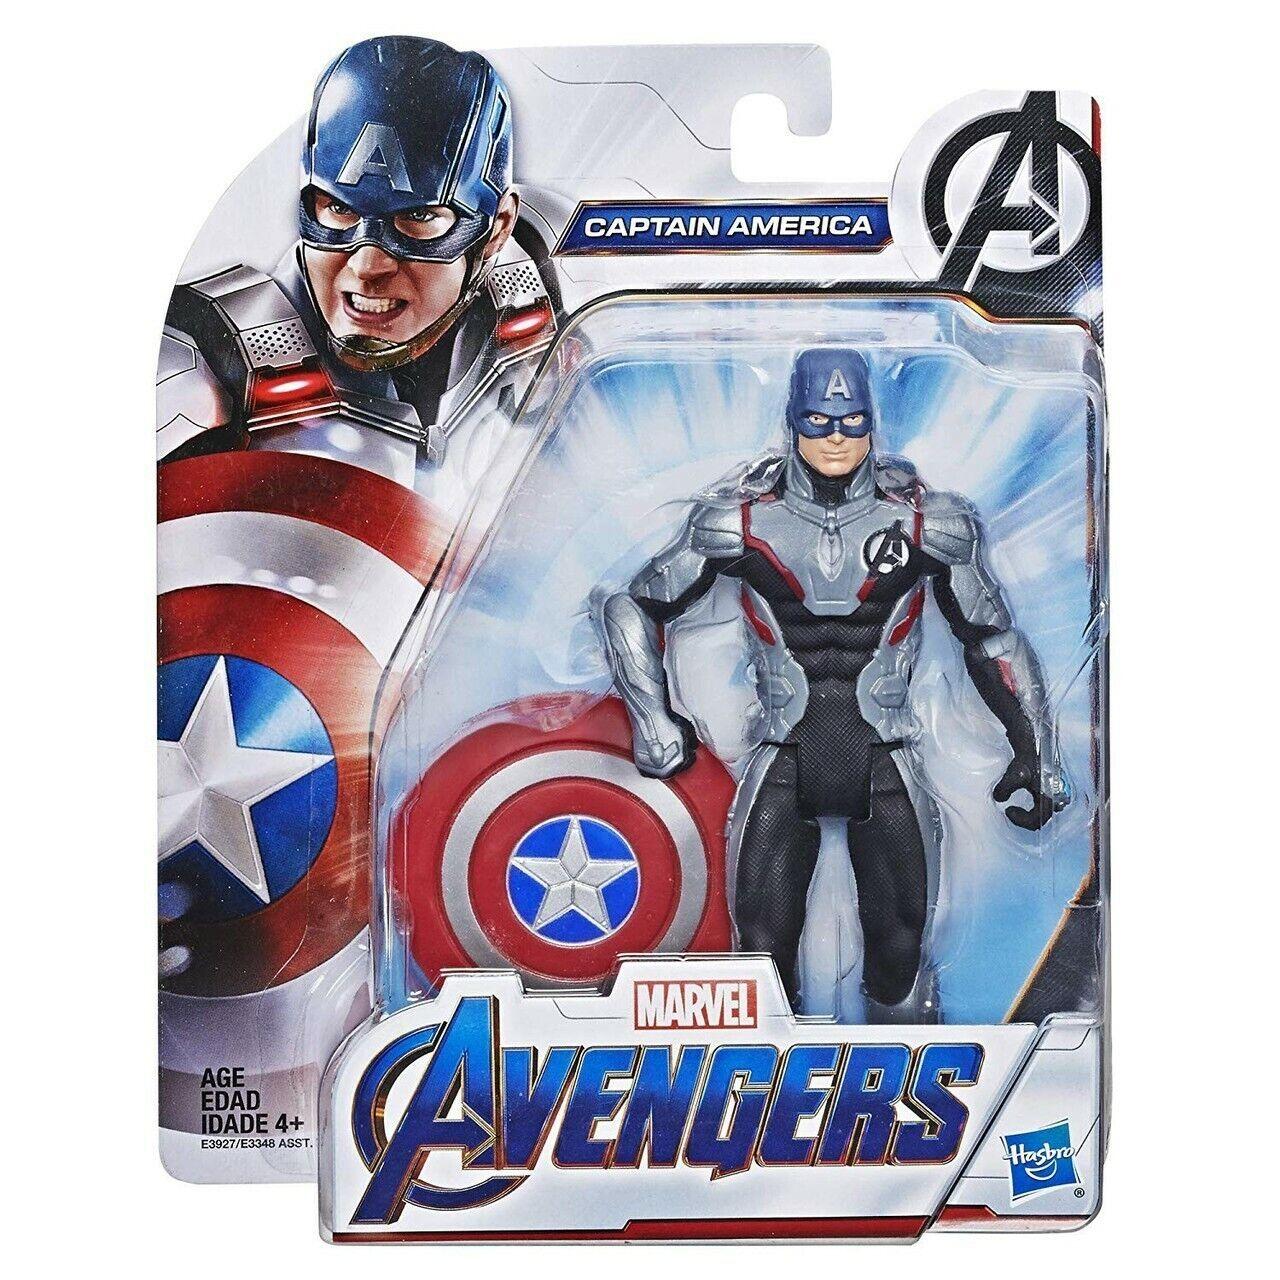 Marvel Avengers Endgame Captain America Action Figure Hasbro